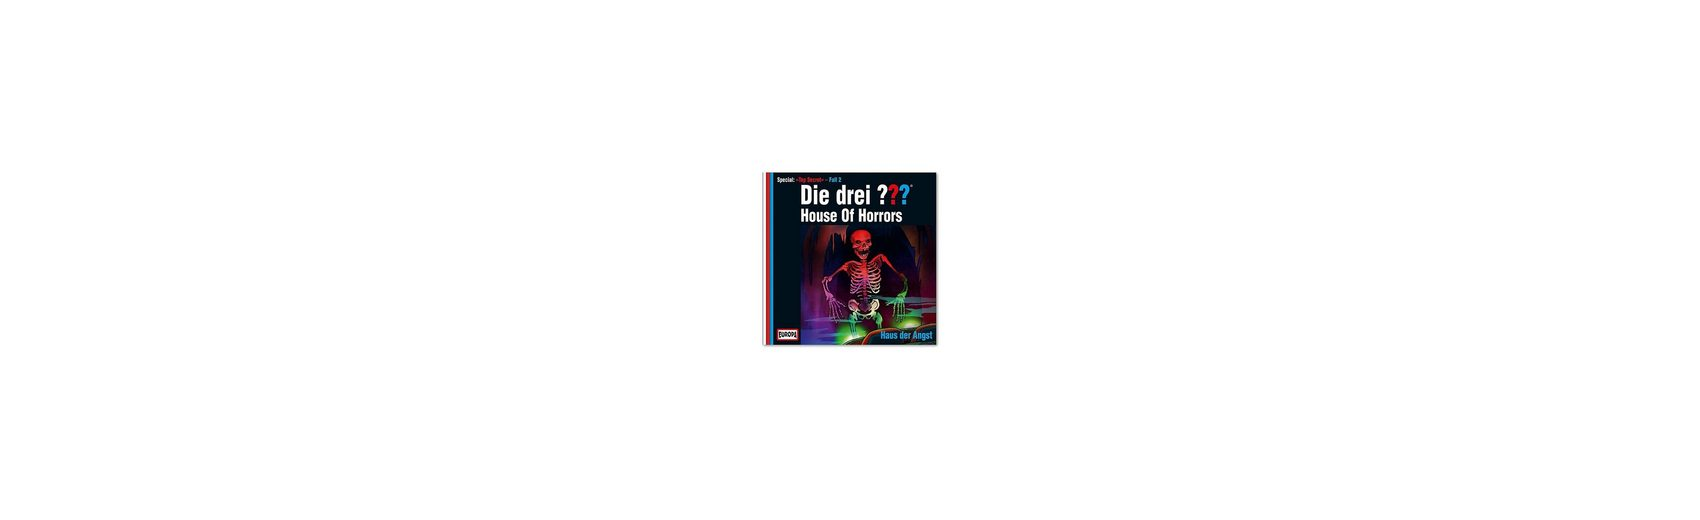 SONY BMG MUSIC CD Die Drei ??? Special - Haus der Angst